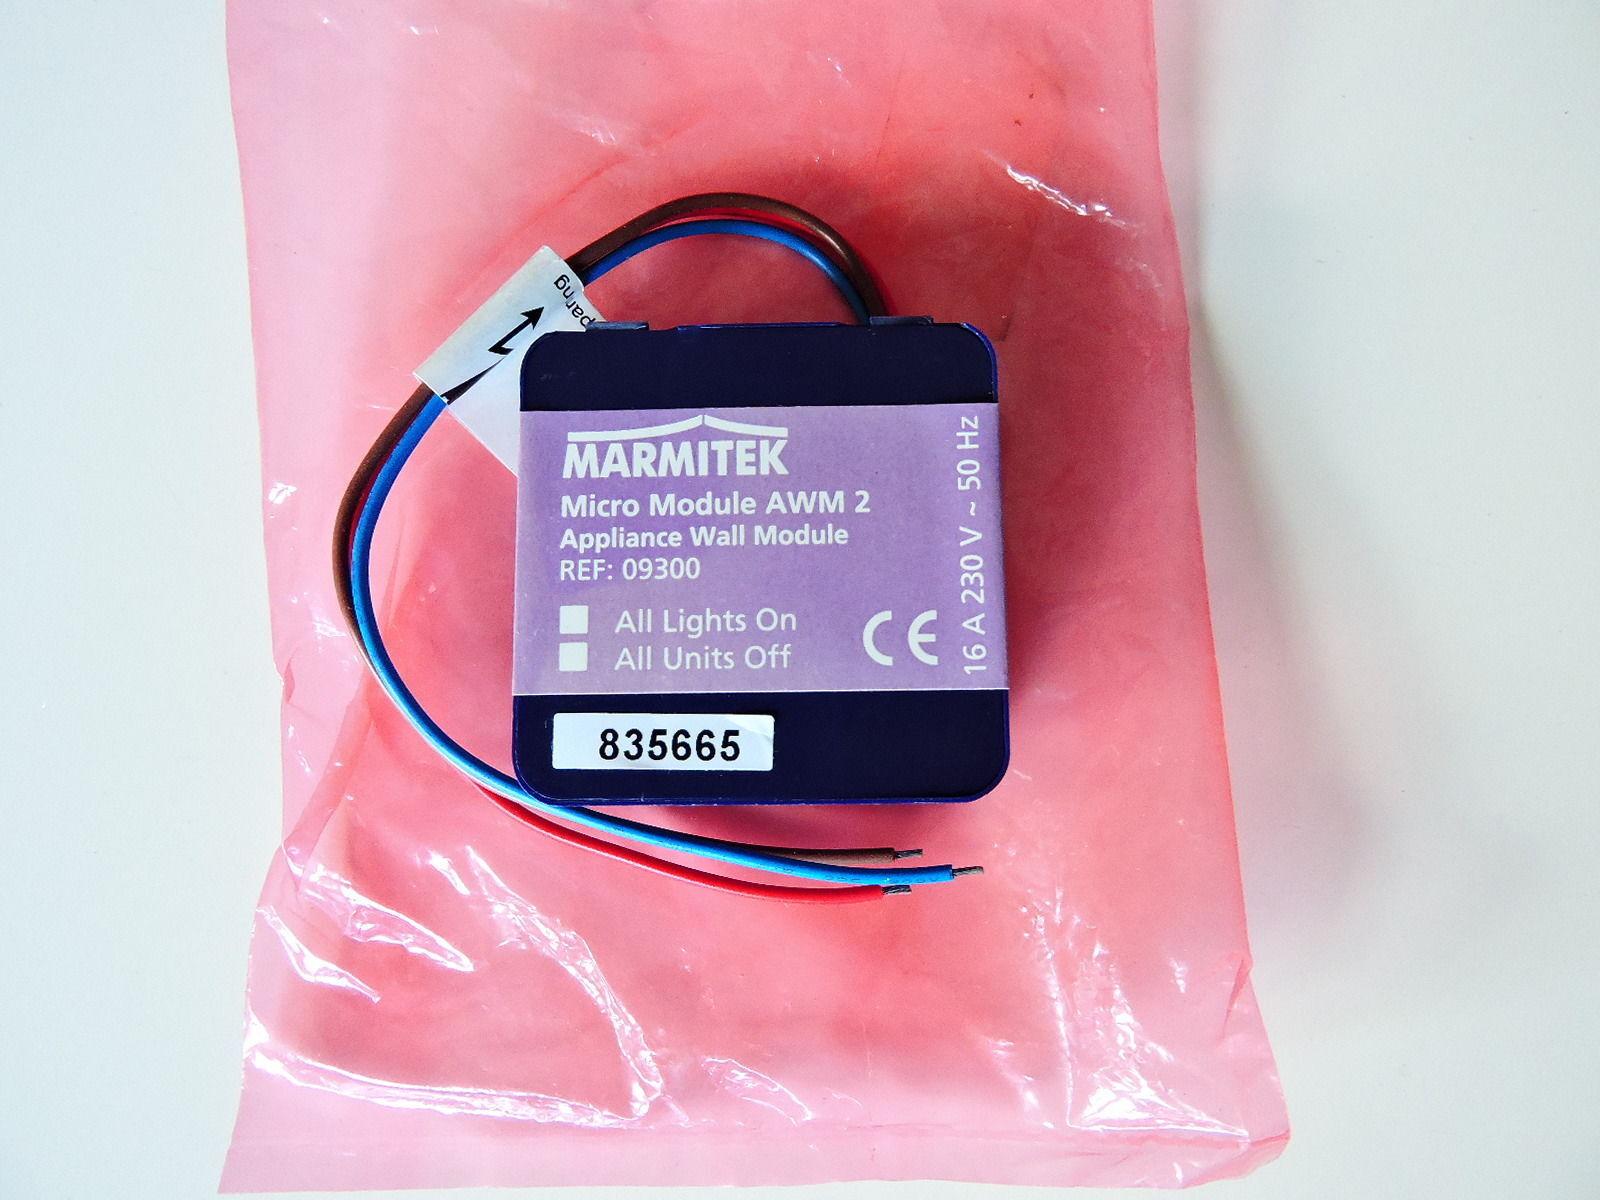 Marmitek AWM2 X10 Unterputz Micromodul 2Weg Hausautomation erweitert AW12 Modul | Outlet Online Store